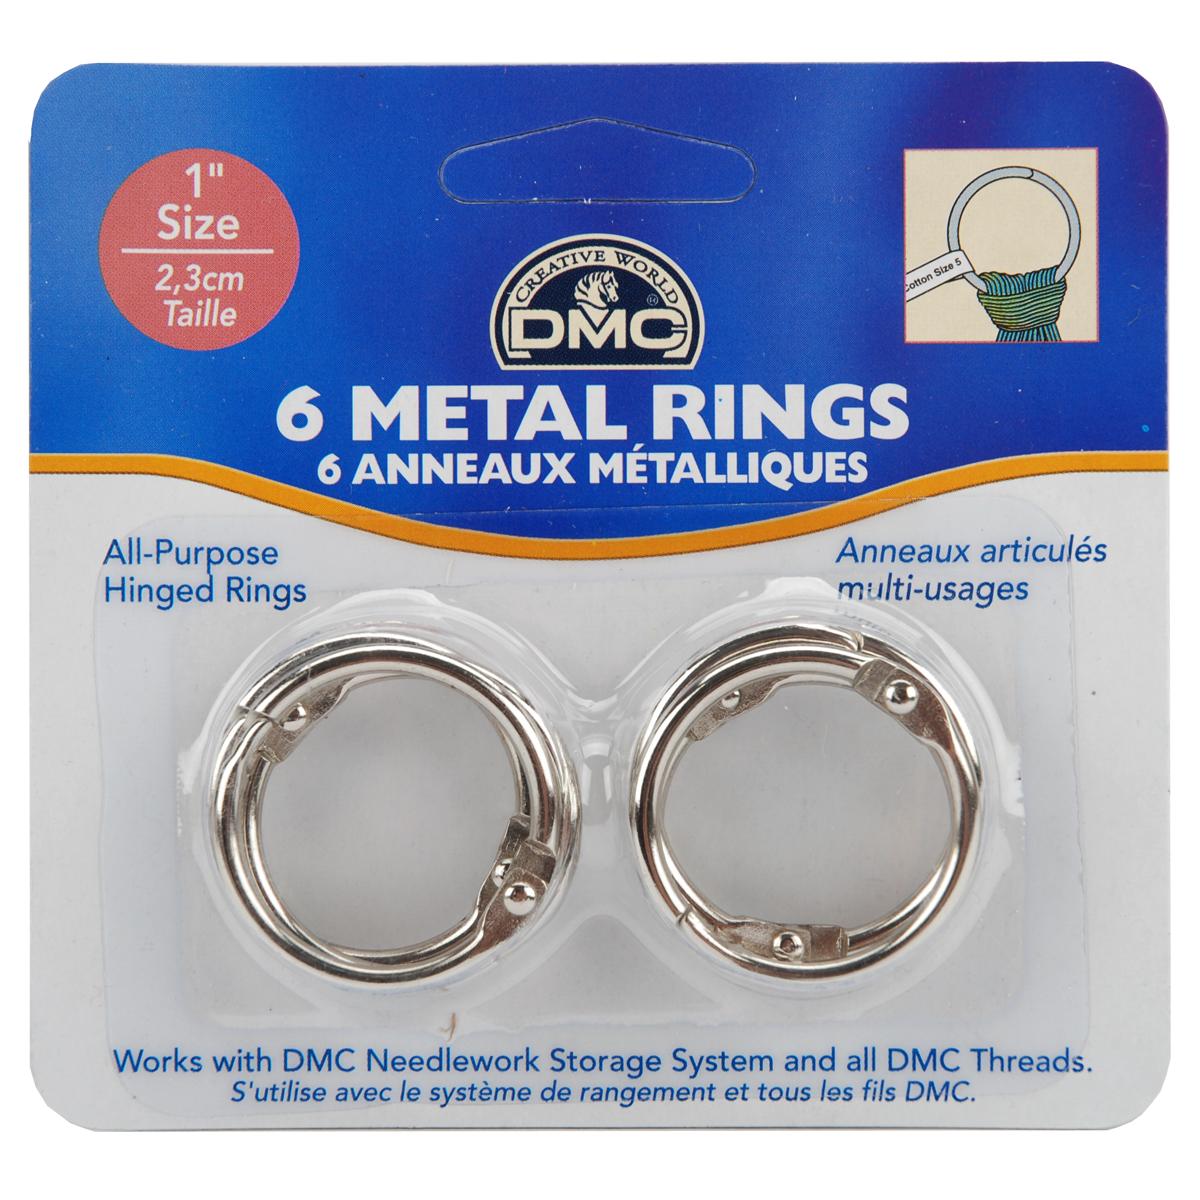 DMC Metal Rings 1